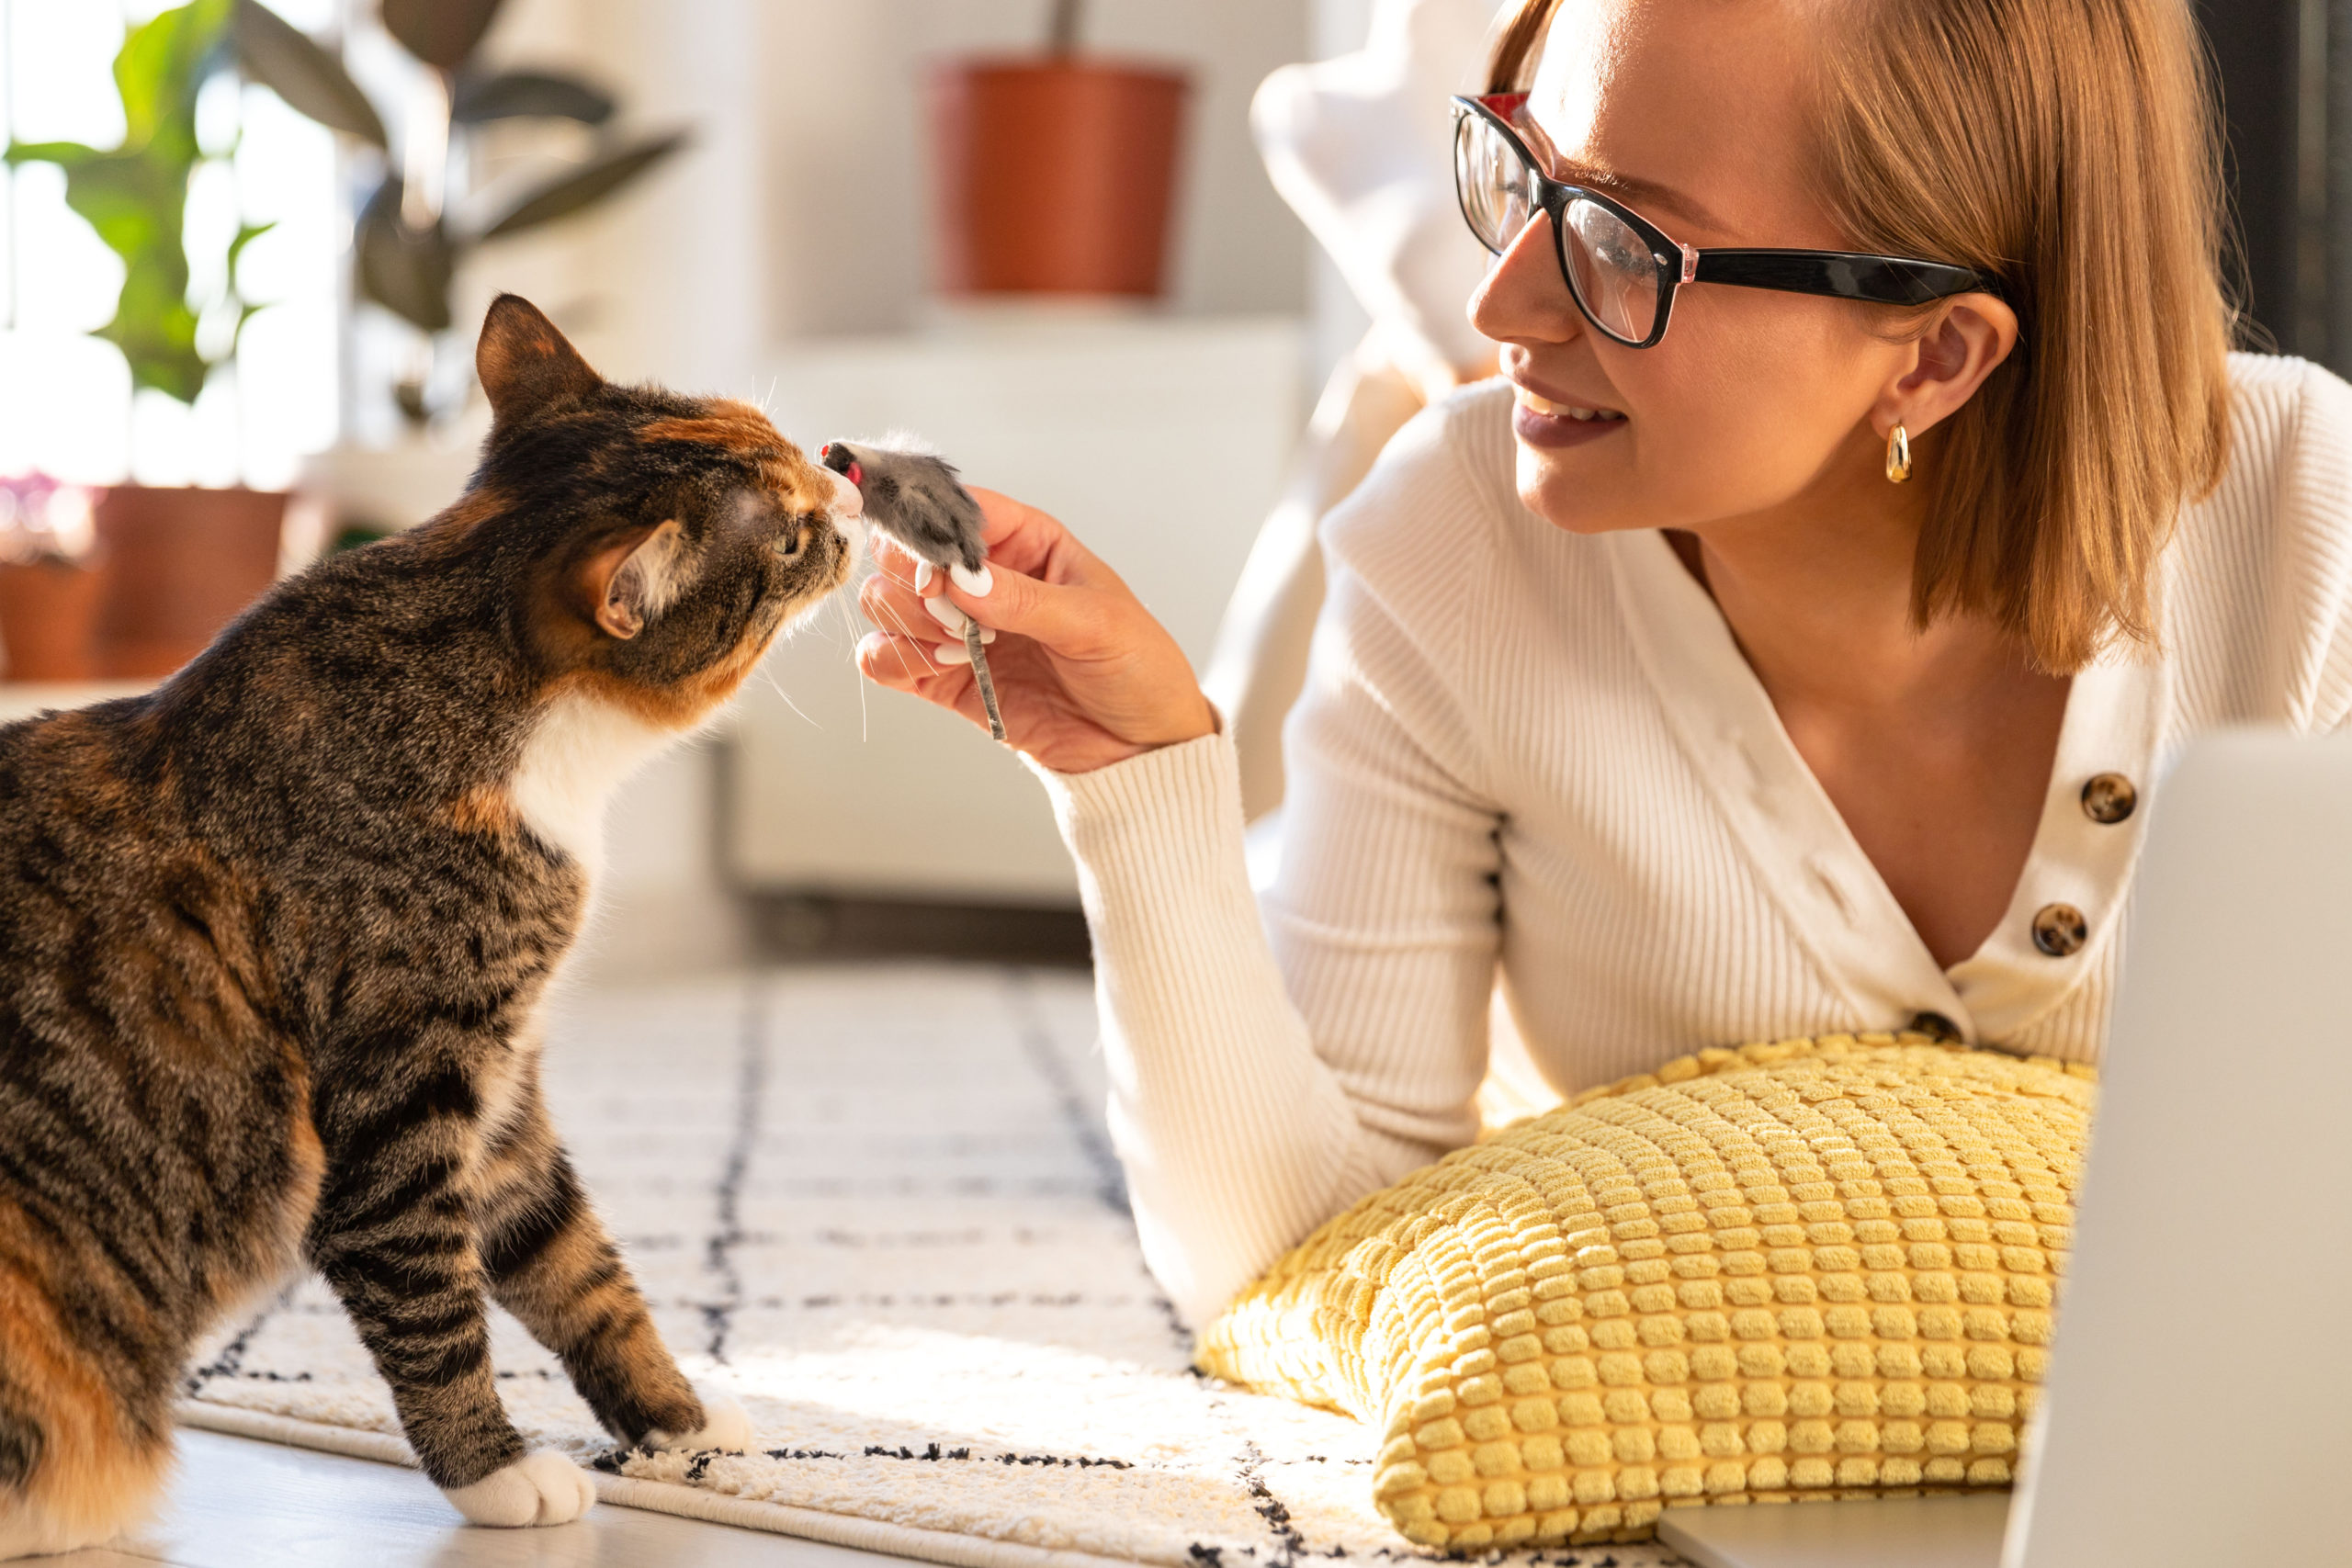 猫がおもちゃを持ってくる動画【遊んで欲しくてたまらない猫】